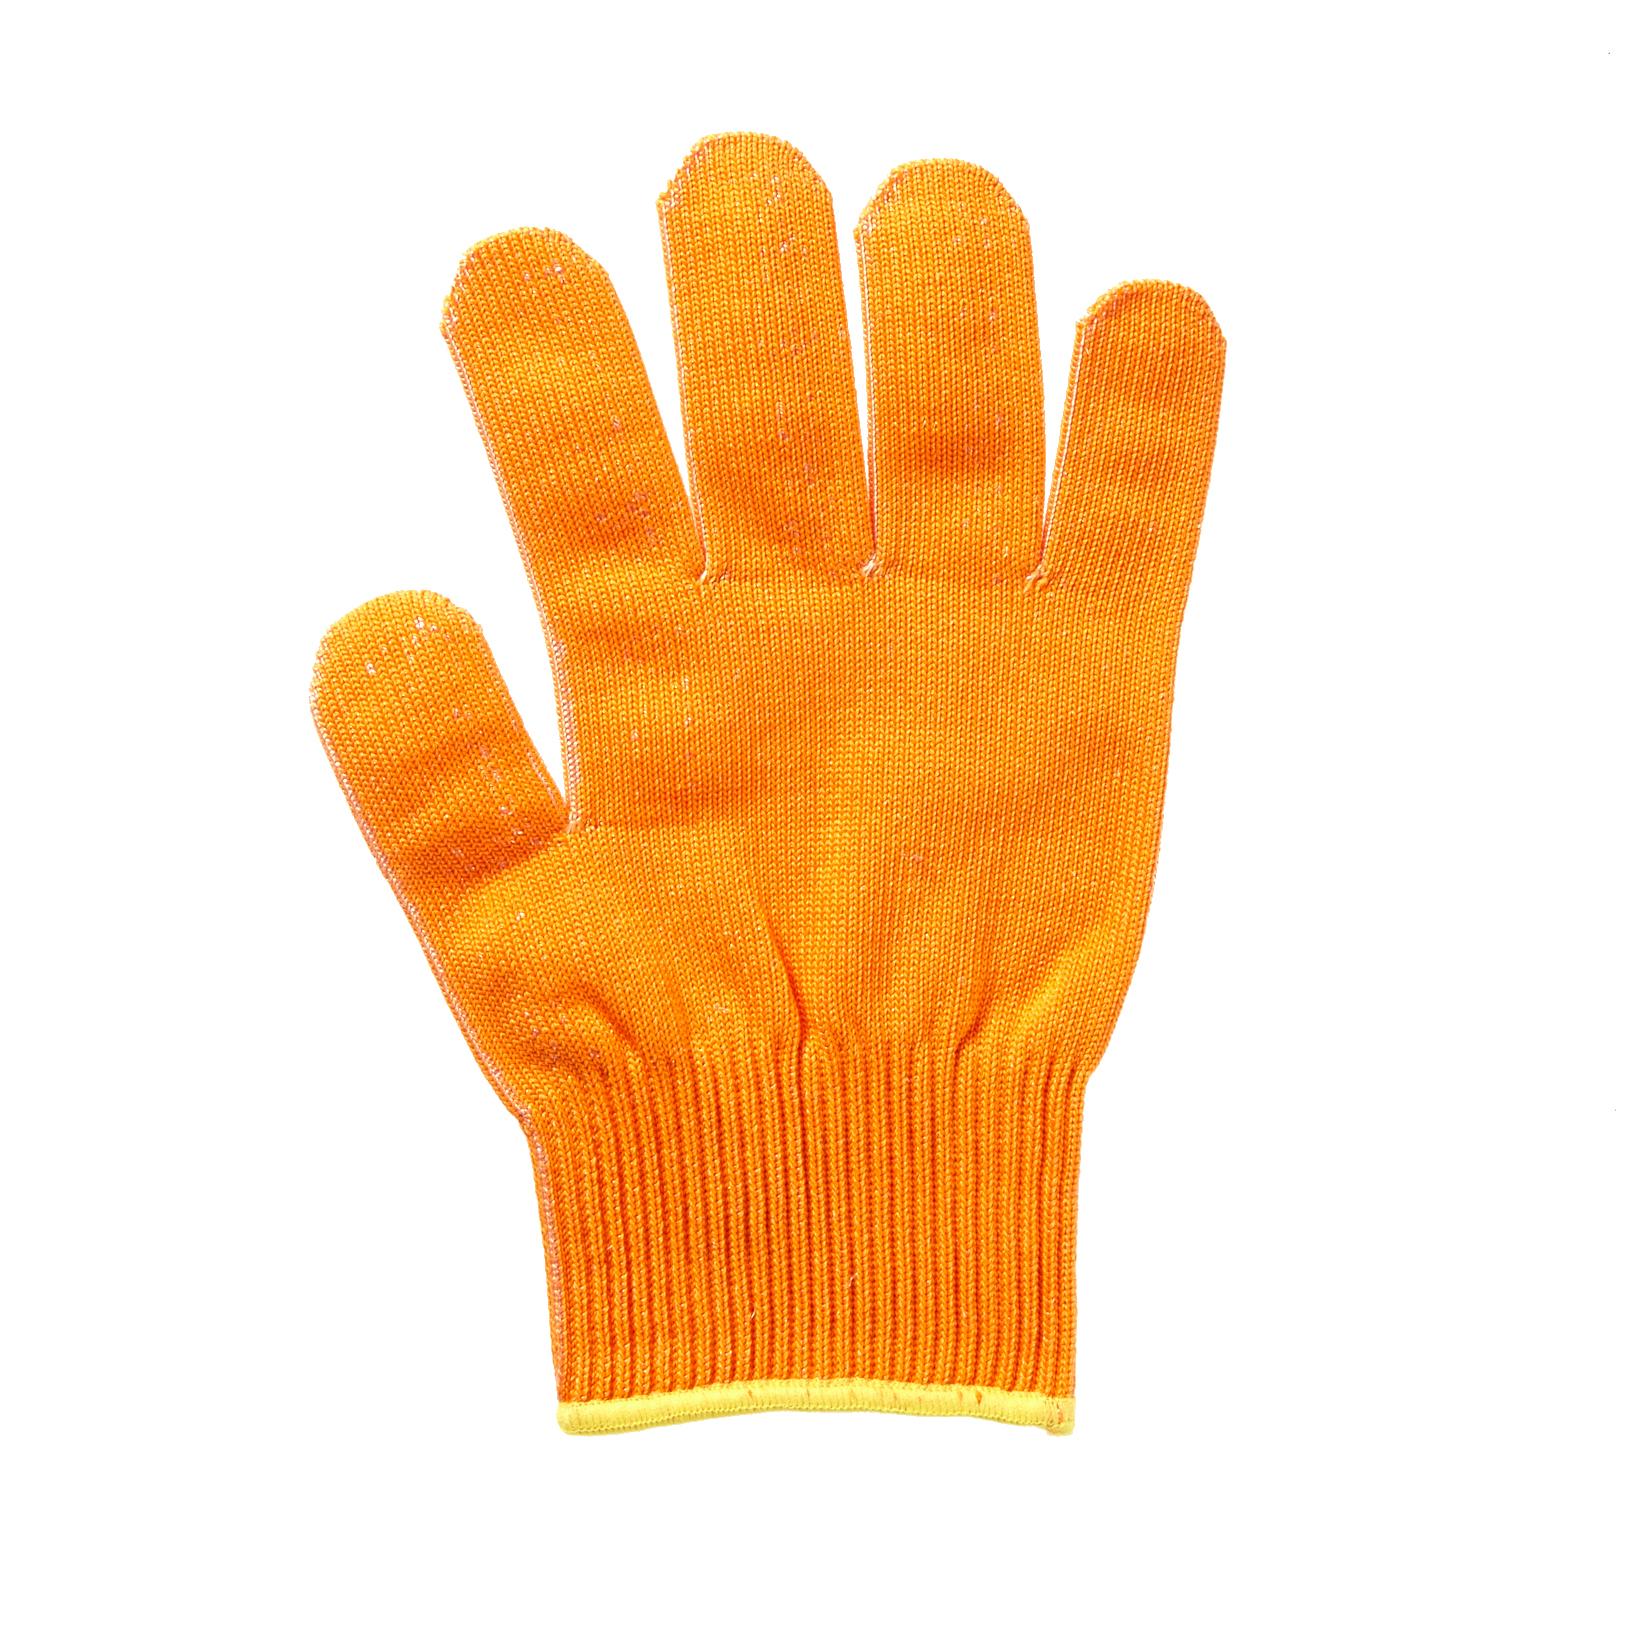 Mercer Culinary M33415ORXS glove, cut resistant